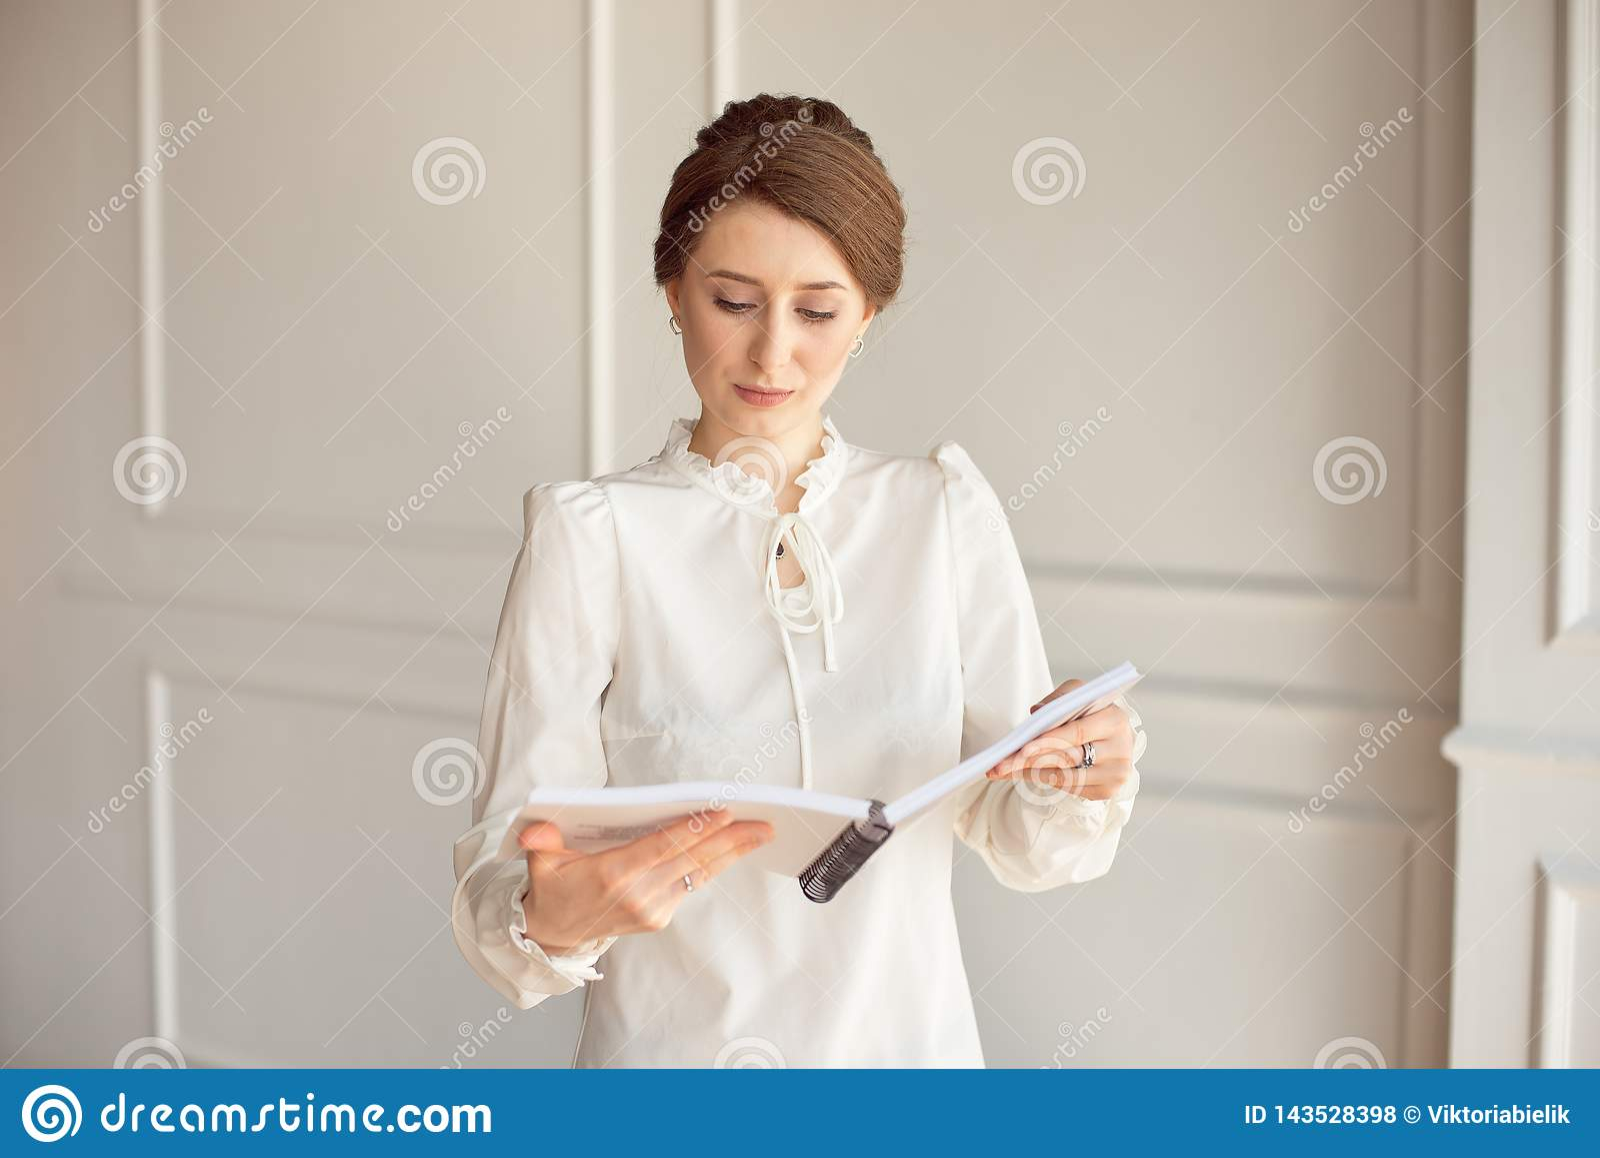 Бизнес-леди в белой рубашке и черных брюках смотрит документы в руках